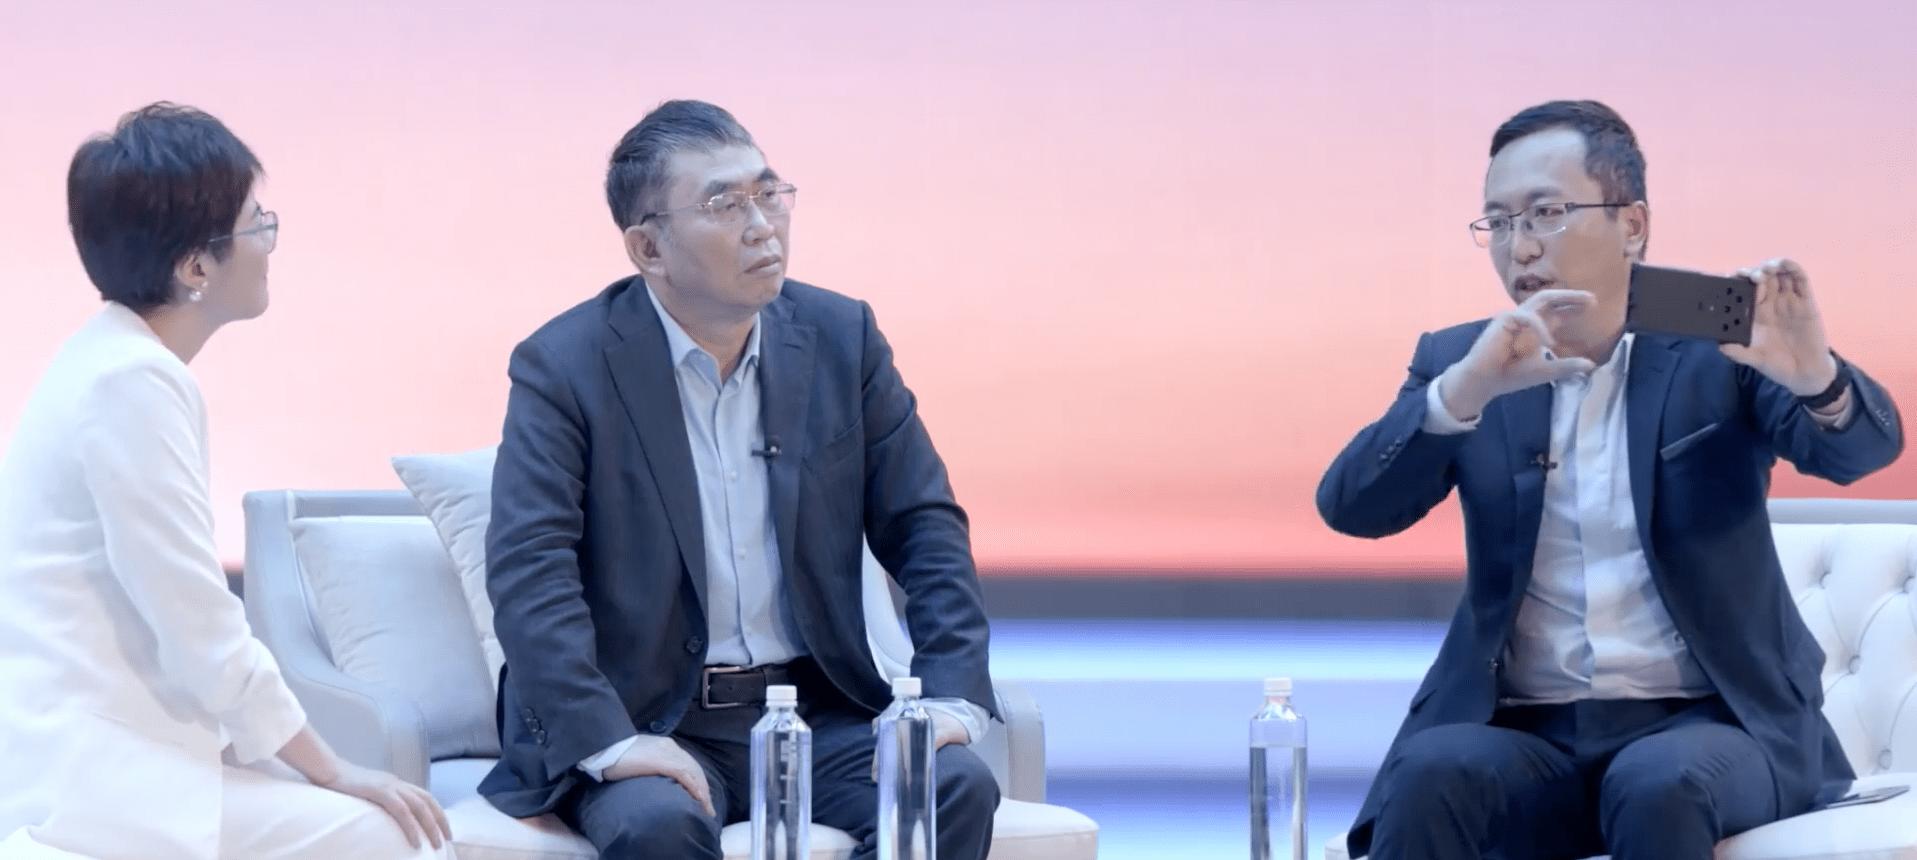 「科技V报」荣耀Magic3五摄真机首次曝光;vivo弹出式后置摄像头专利公布-20210802-VDGER